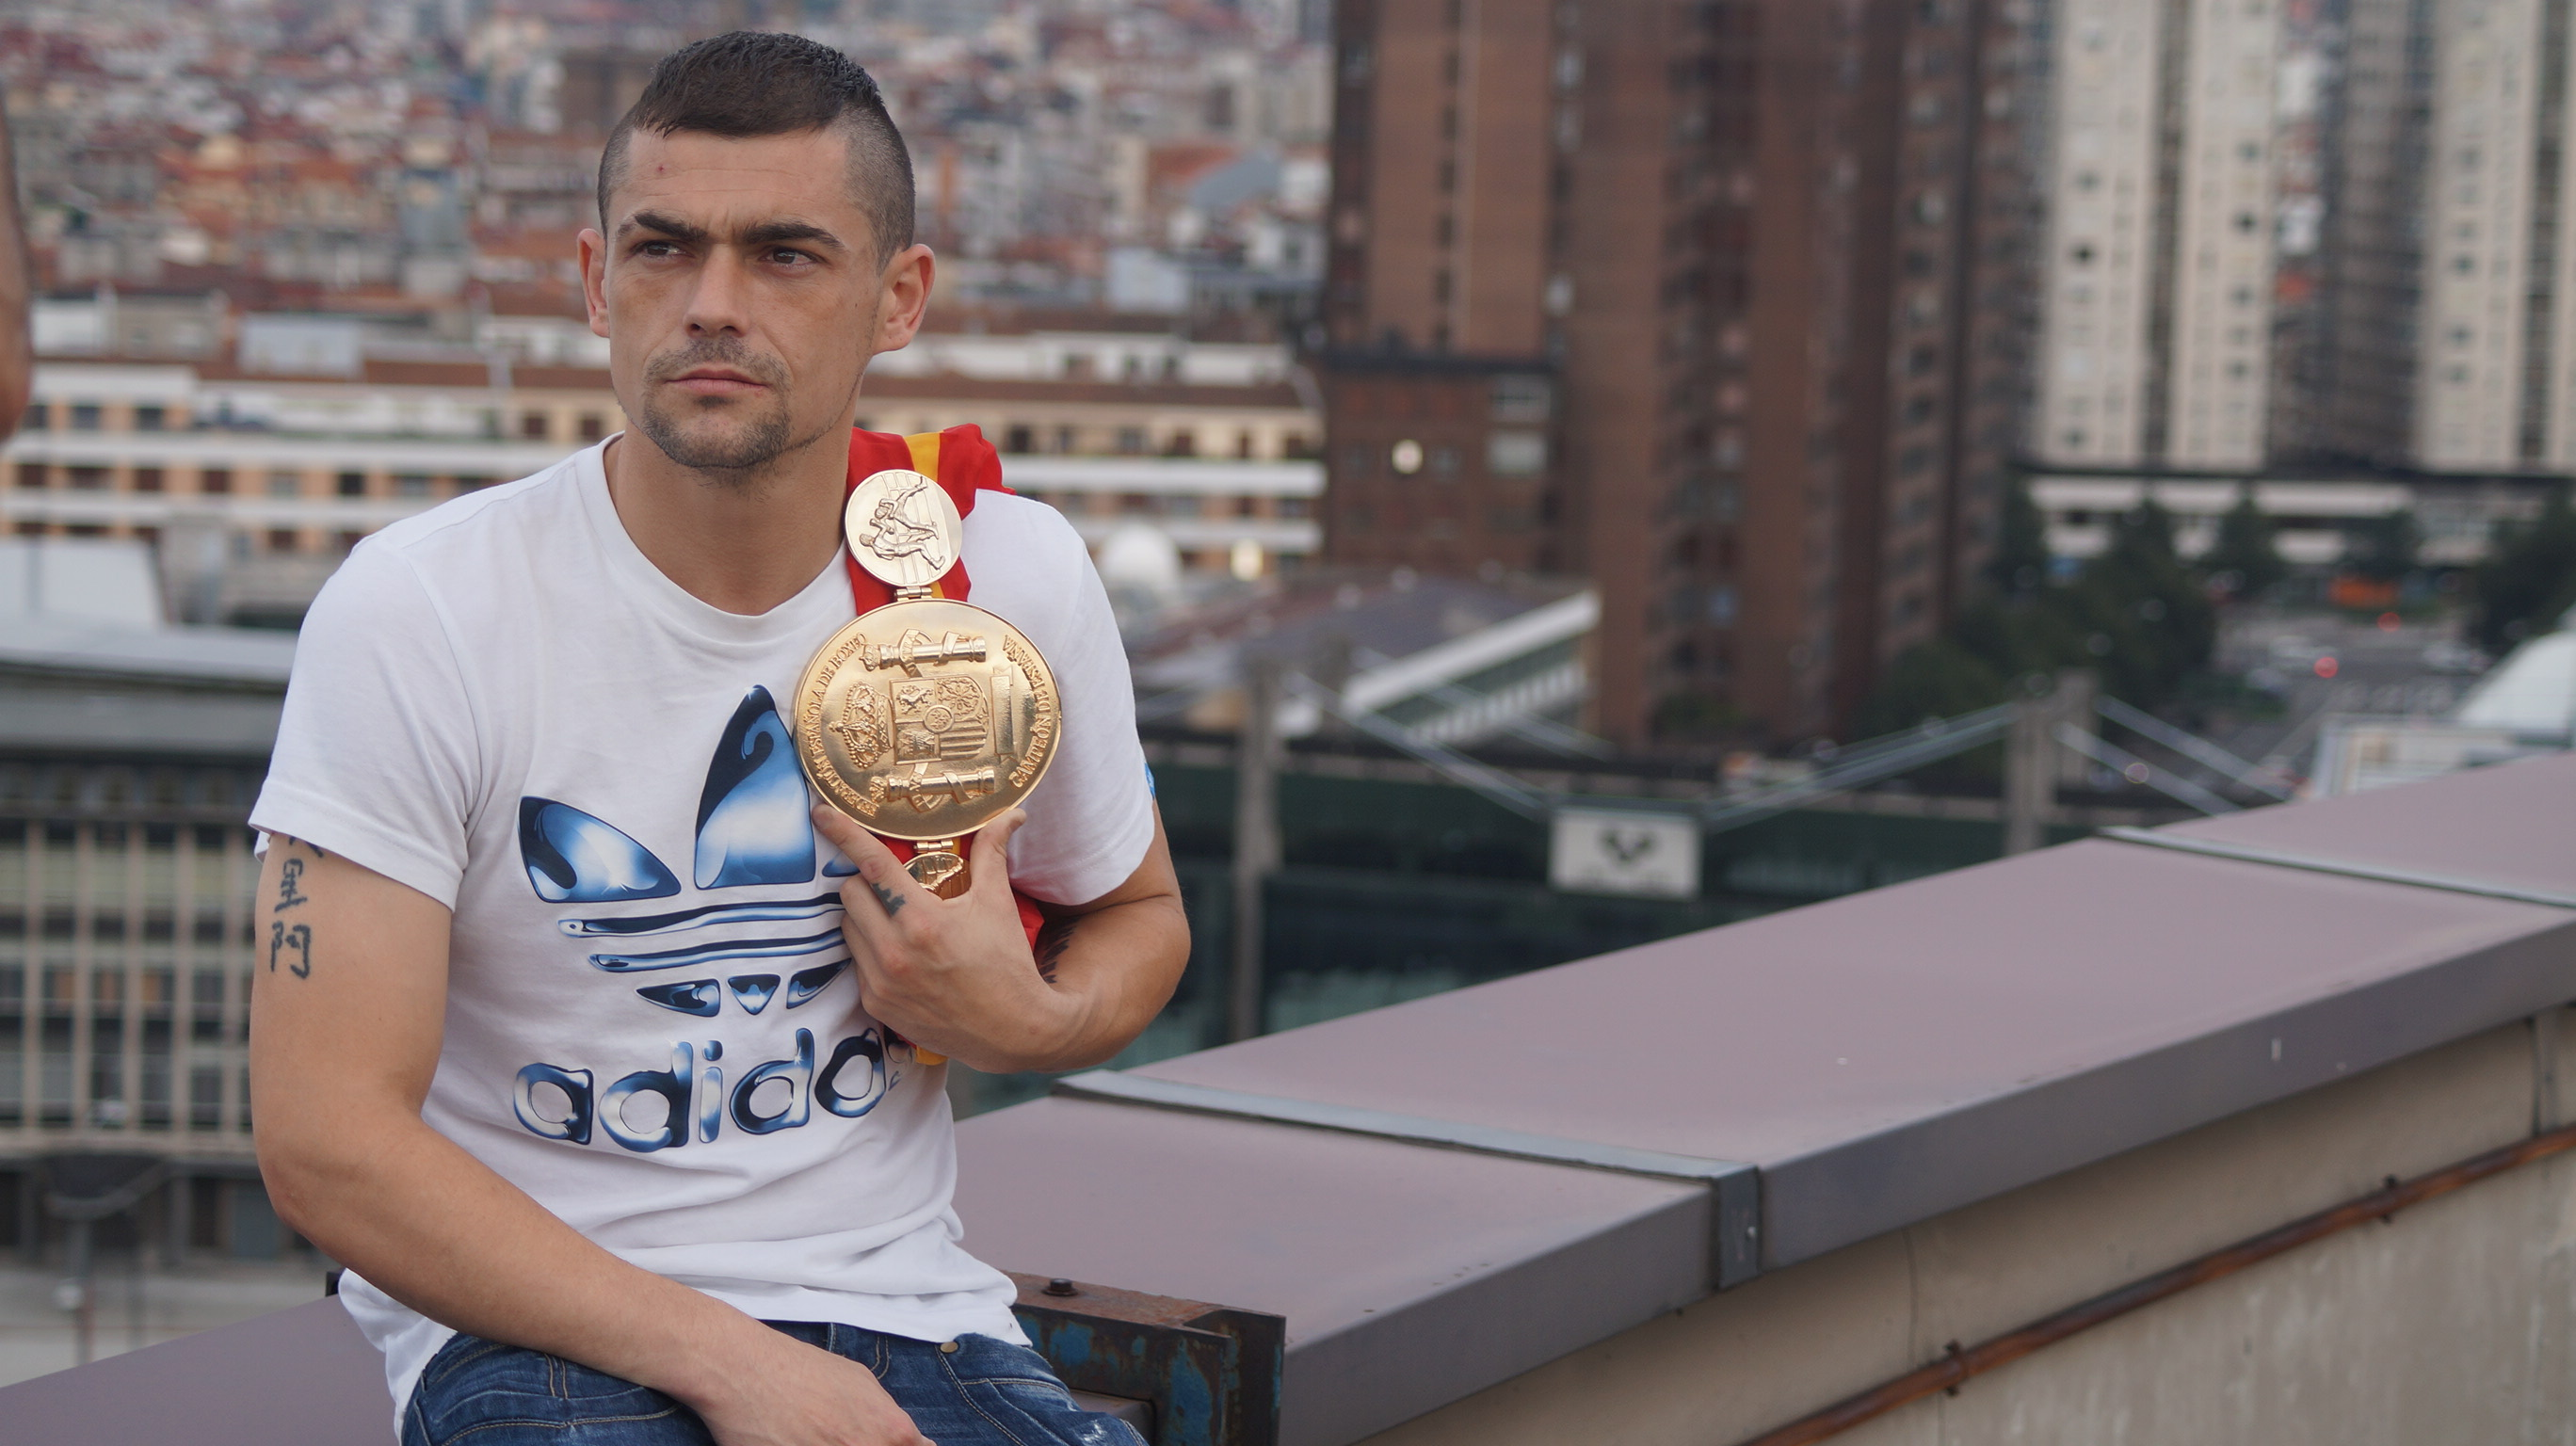 El boxeador profesional bilbaino Andoni Gago posa con su cinturón de campeón de España del peso pluma en Bilbao